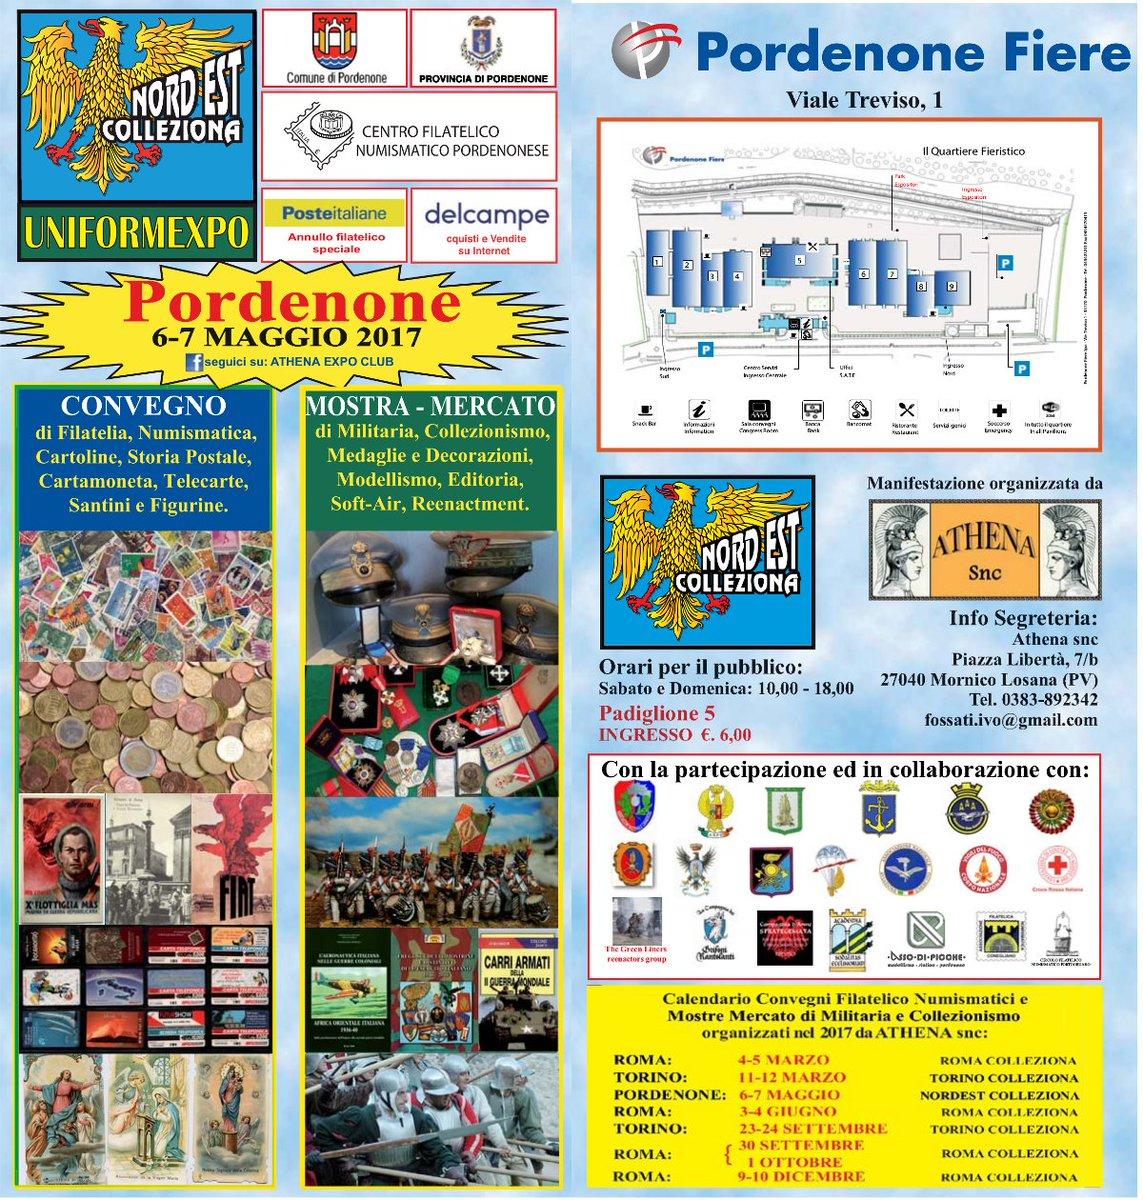 Pordenone Fiere Calendario.Pordenone Fiere On Twitter 6 7 Maggio Pordenone Fiere